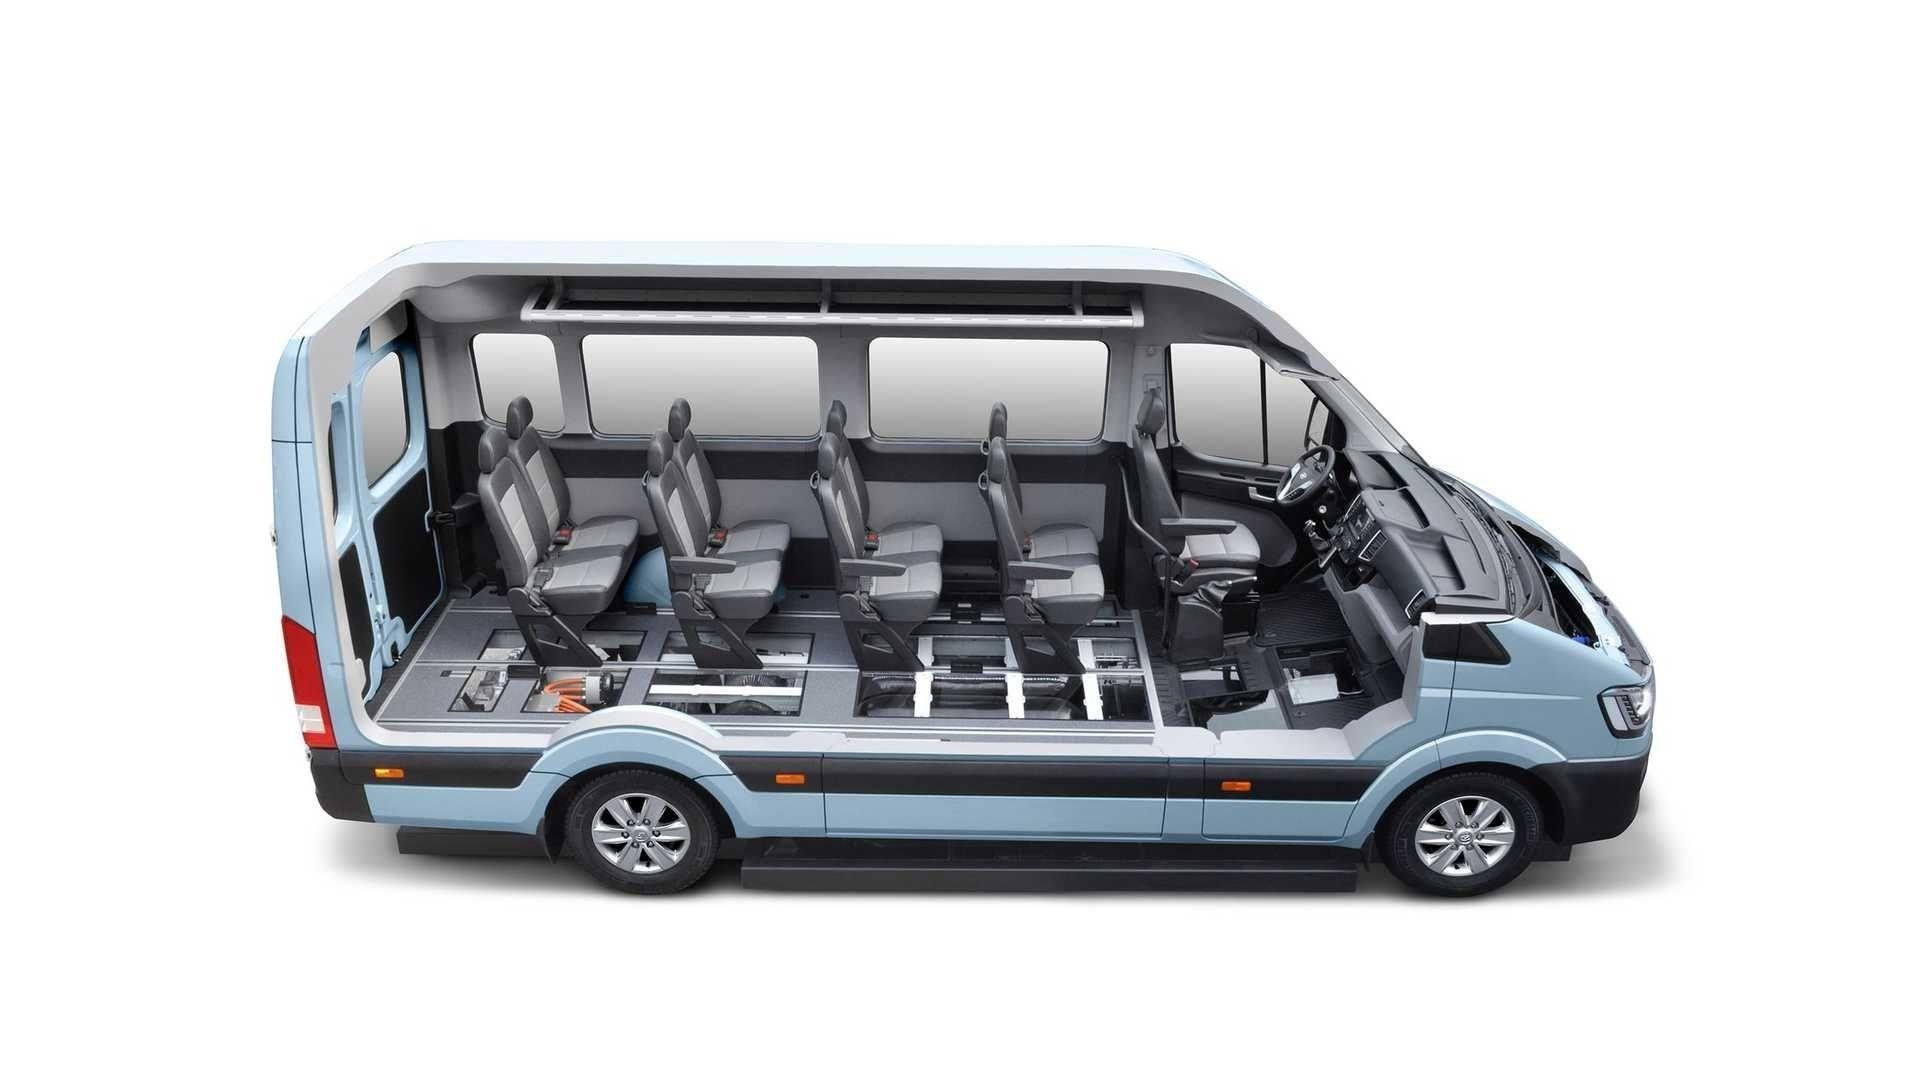 მიკროავტობუსების 30-მილიონიან ტენდერში Hyundai დისკვალიფიცირდა